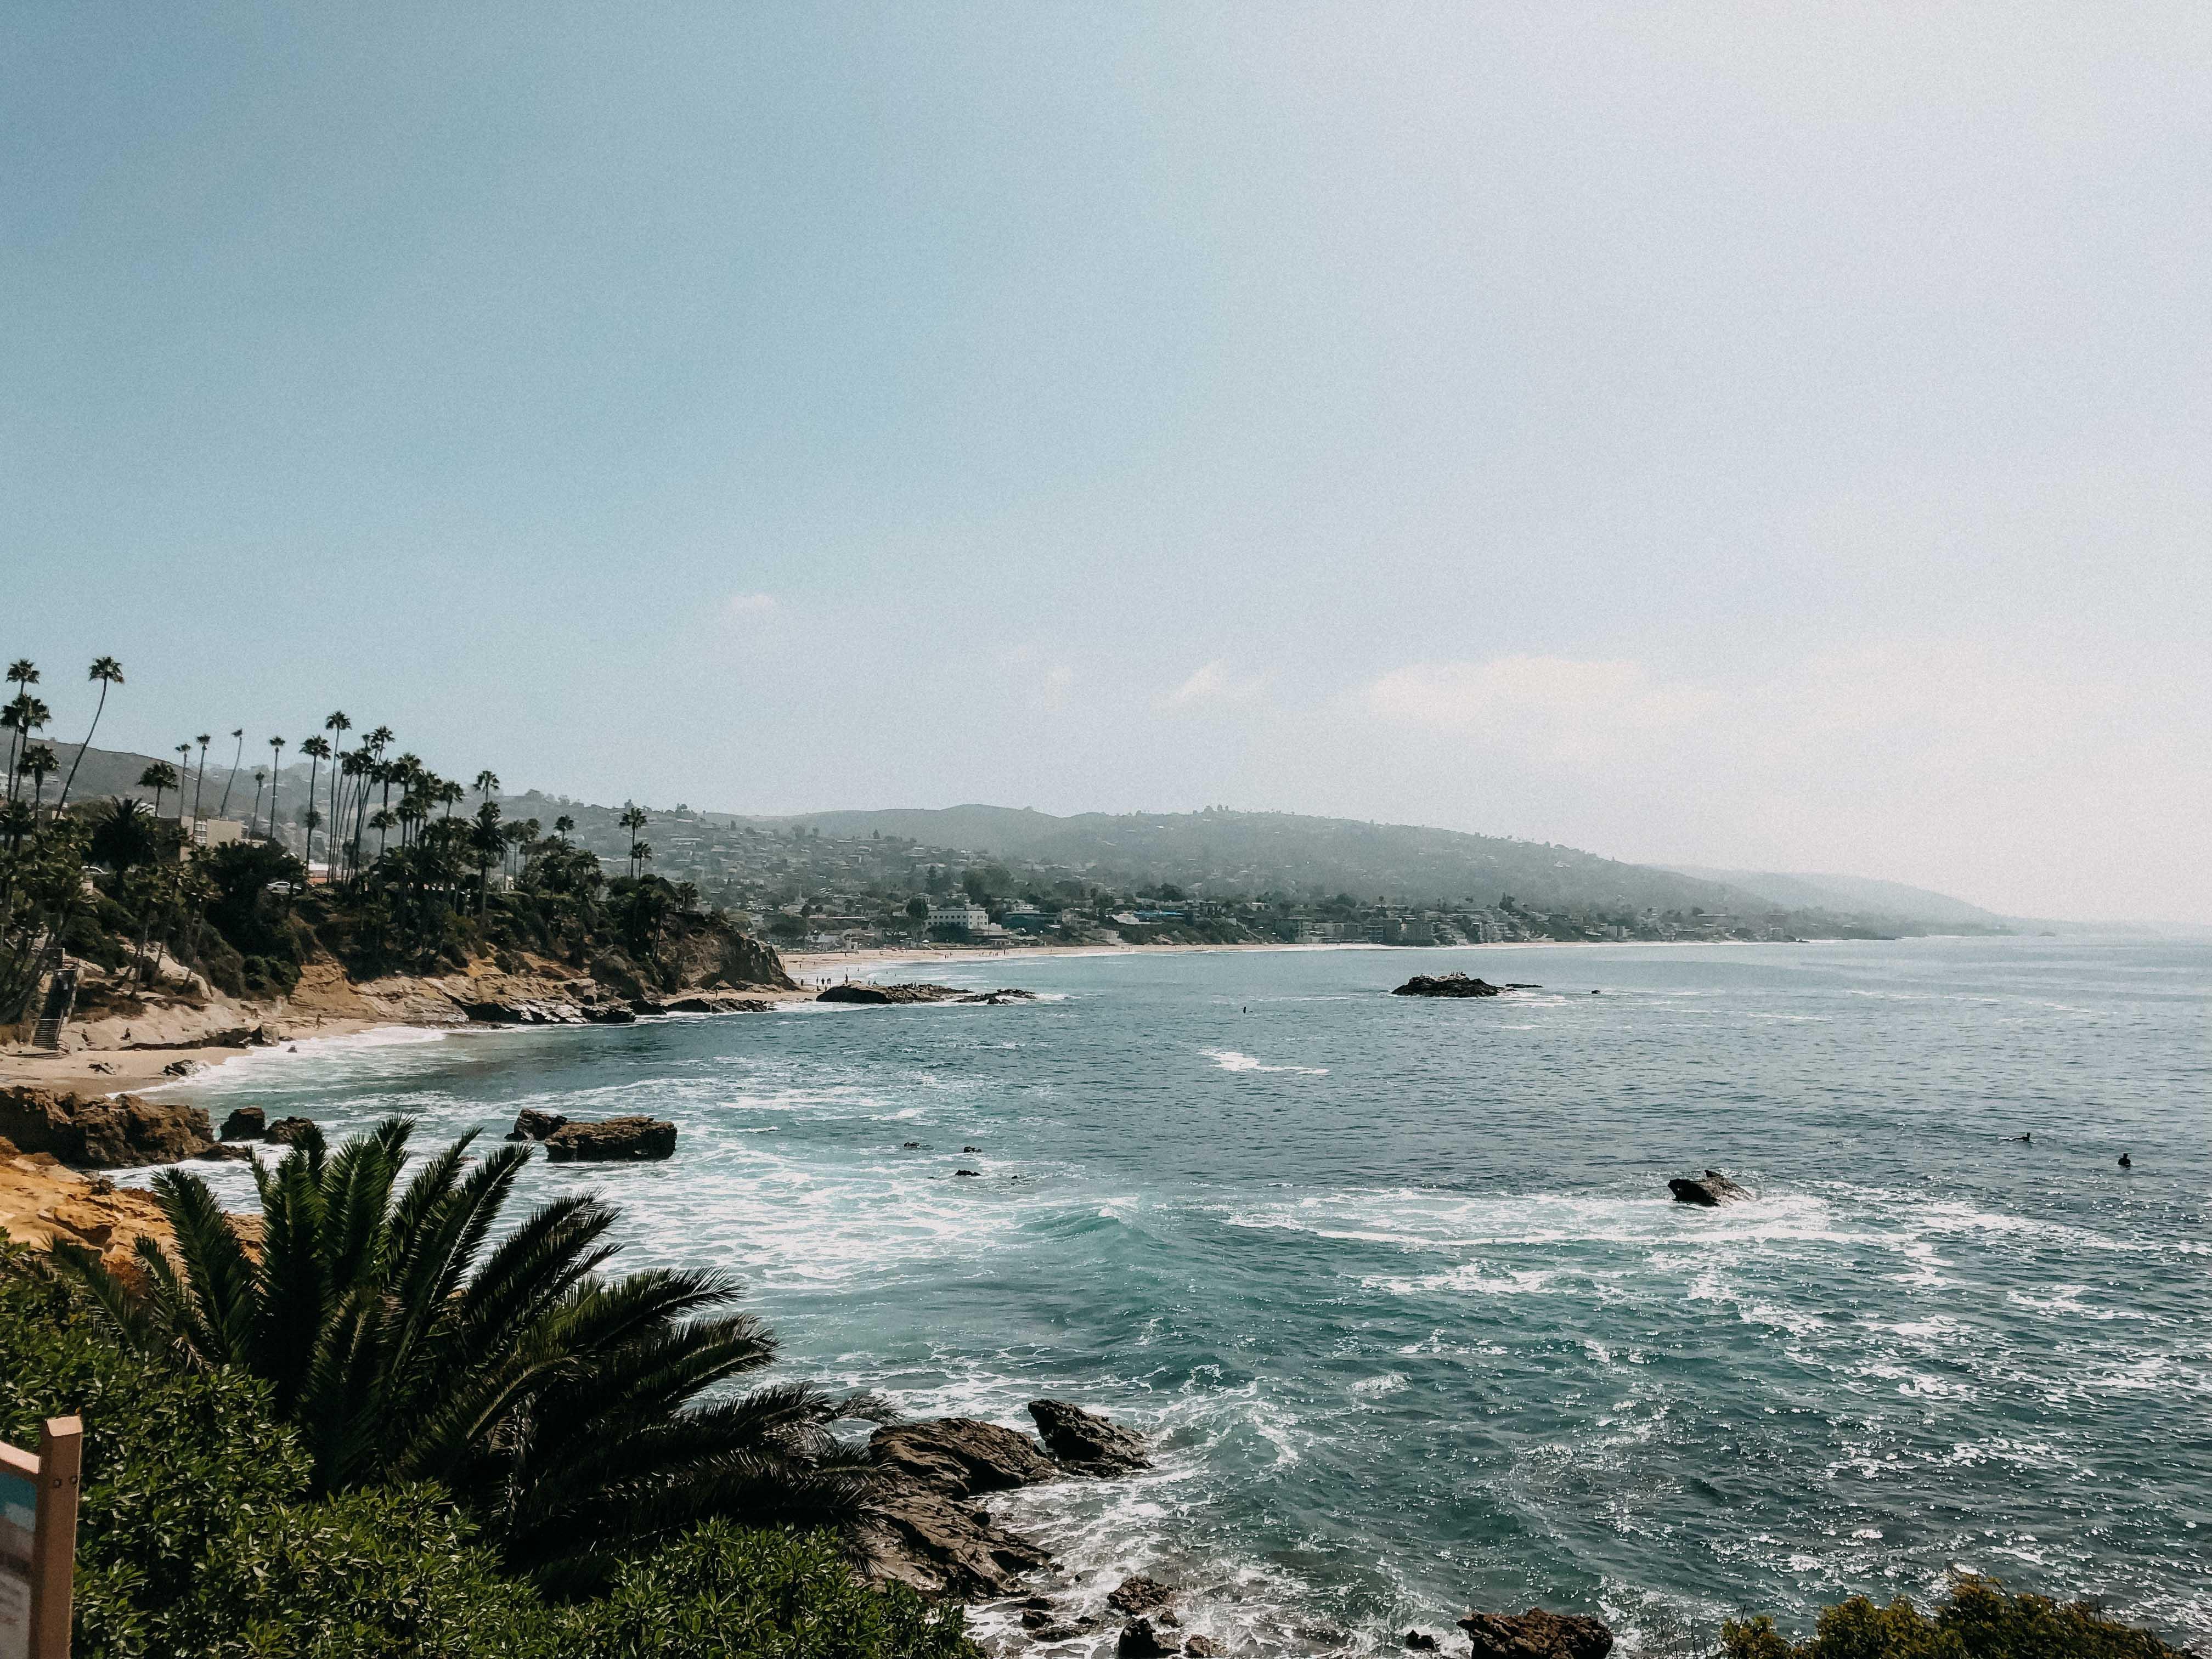 Top Insider Tipps Los Angeles Laguna Beach Traumstrände LA beste Strände Tipp bester Strand USA Amerika 8